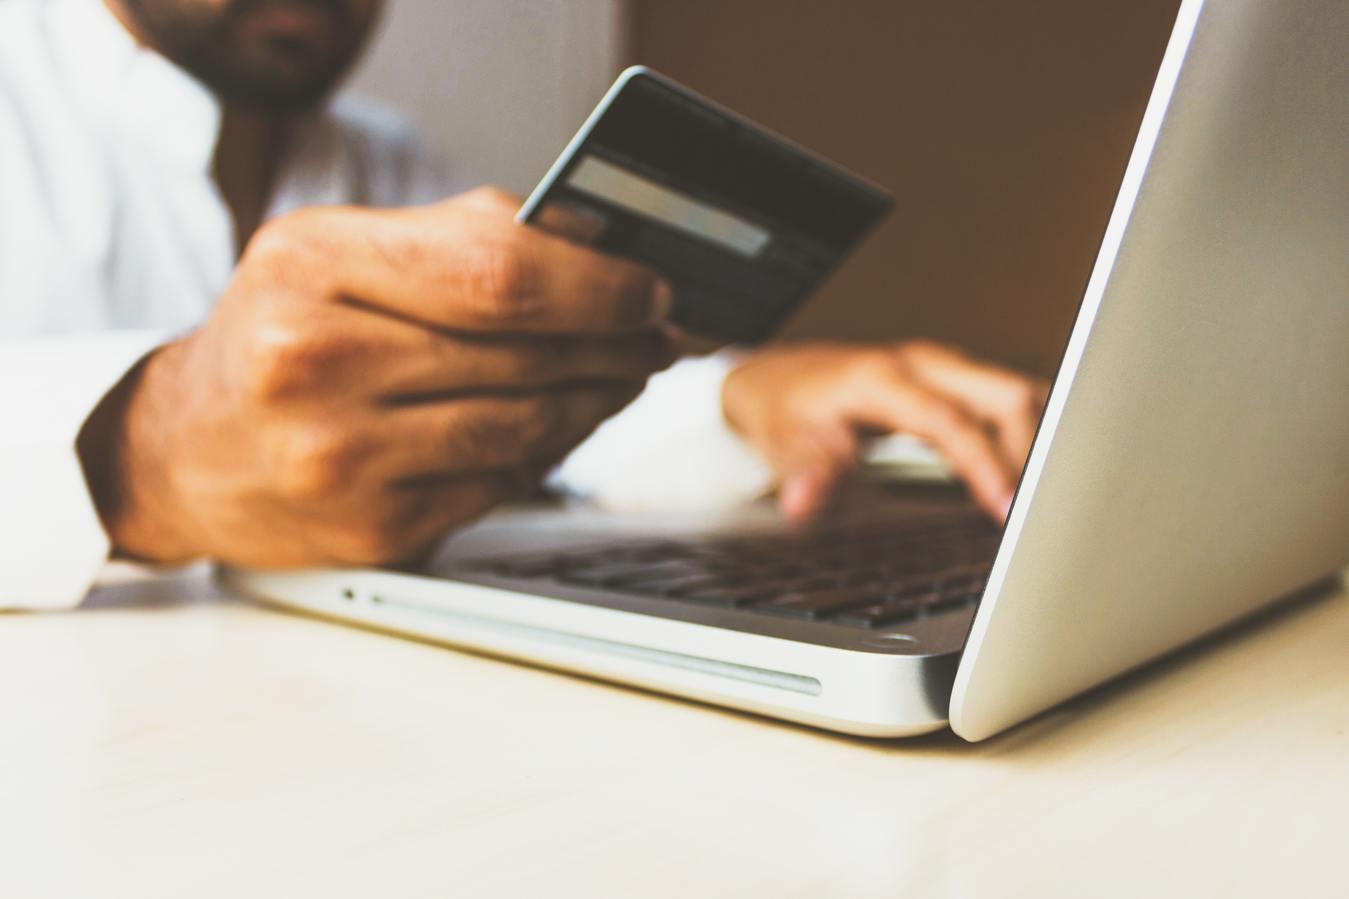 Transação online com cartão